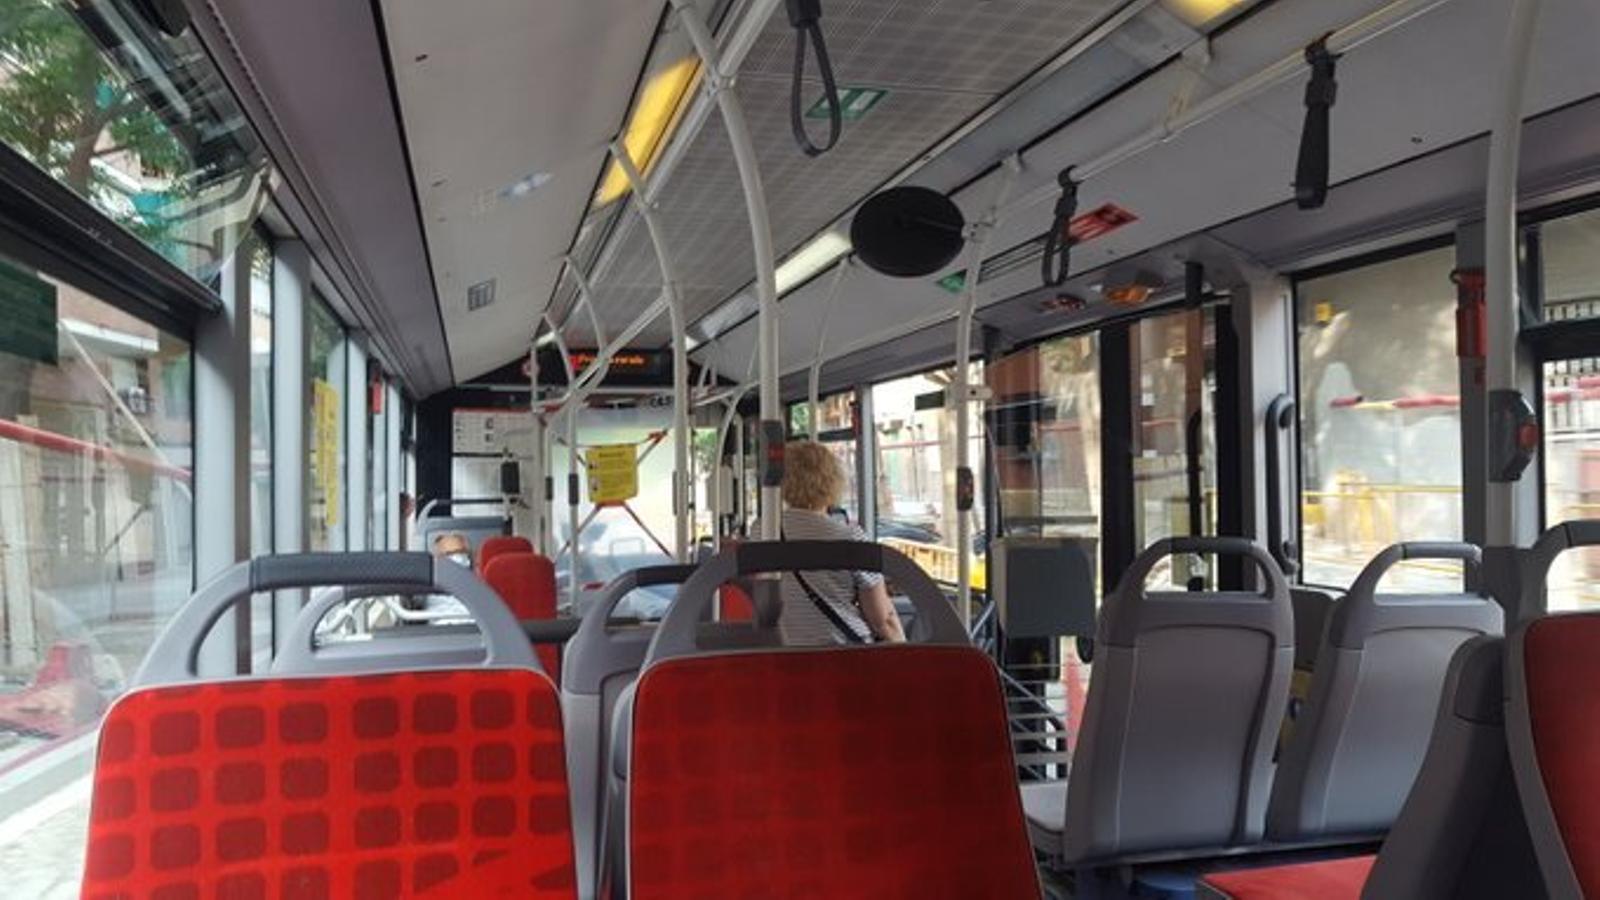 L'interior d'un autobús de la xarxa de Transports Metropolitans de Barcelona